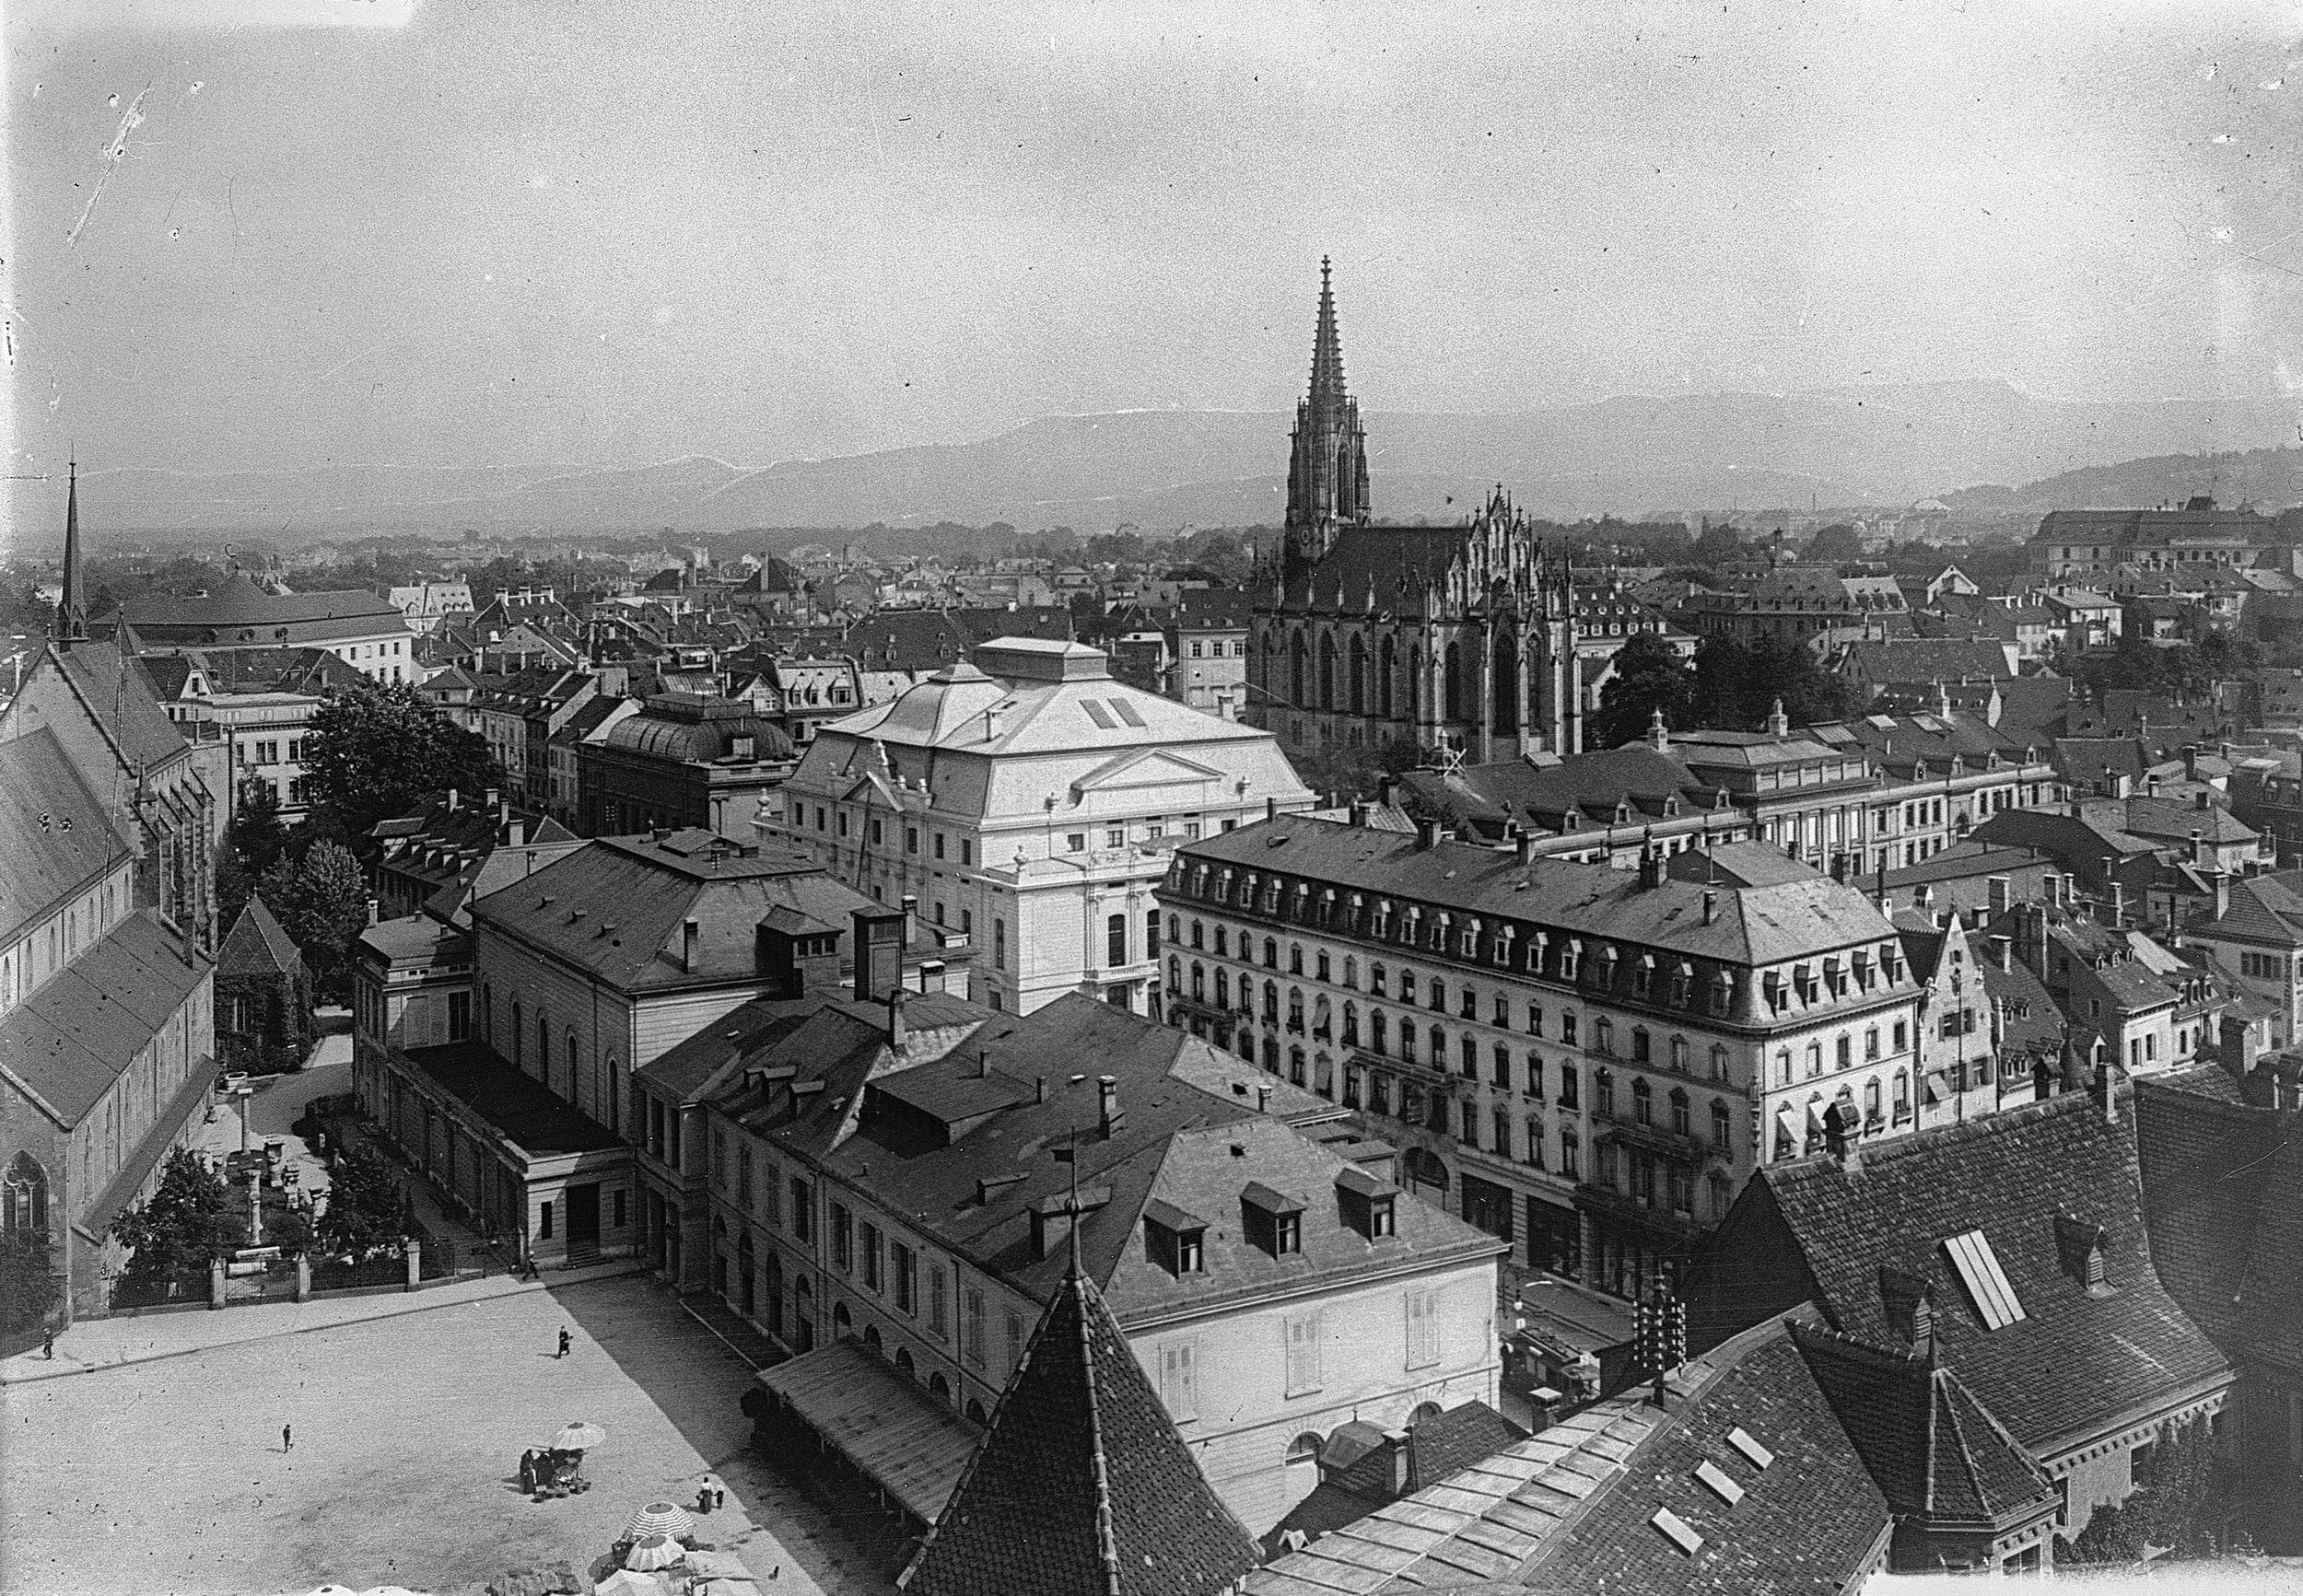 Die edle Basler Kulturmeile mit Stadthteater, Kunsthalle und dem Stadtcasino mit dem Musiksaal.